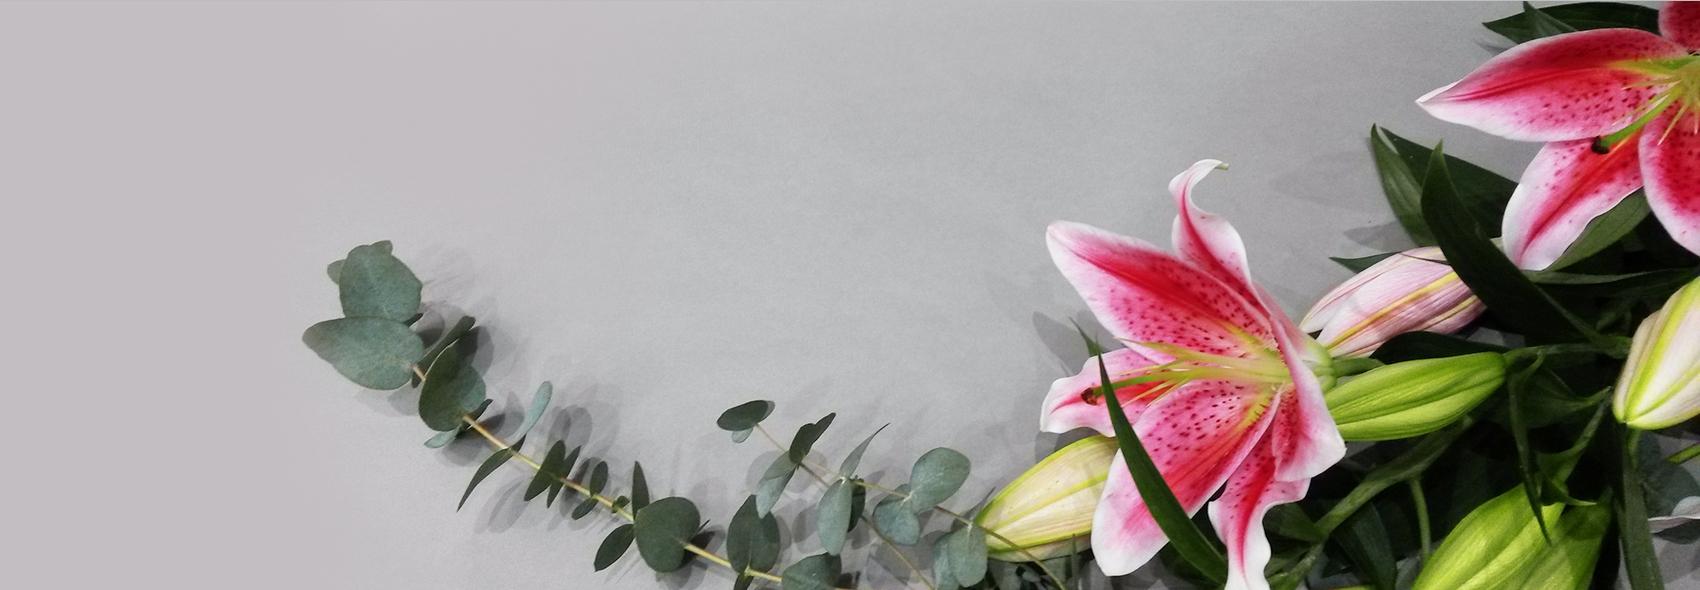 Fleuriste au Mans dans la Sarthe (72) - Livraison de fleurs 7 jours   7 d297b0599be